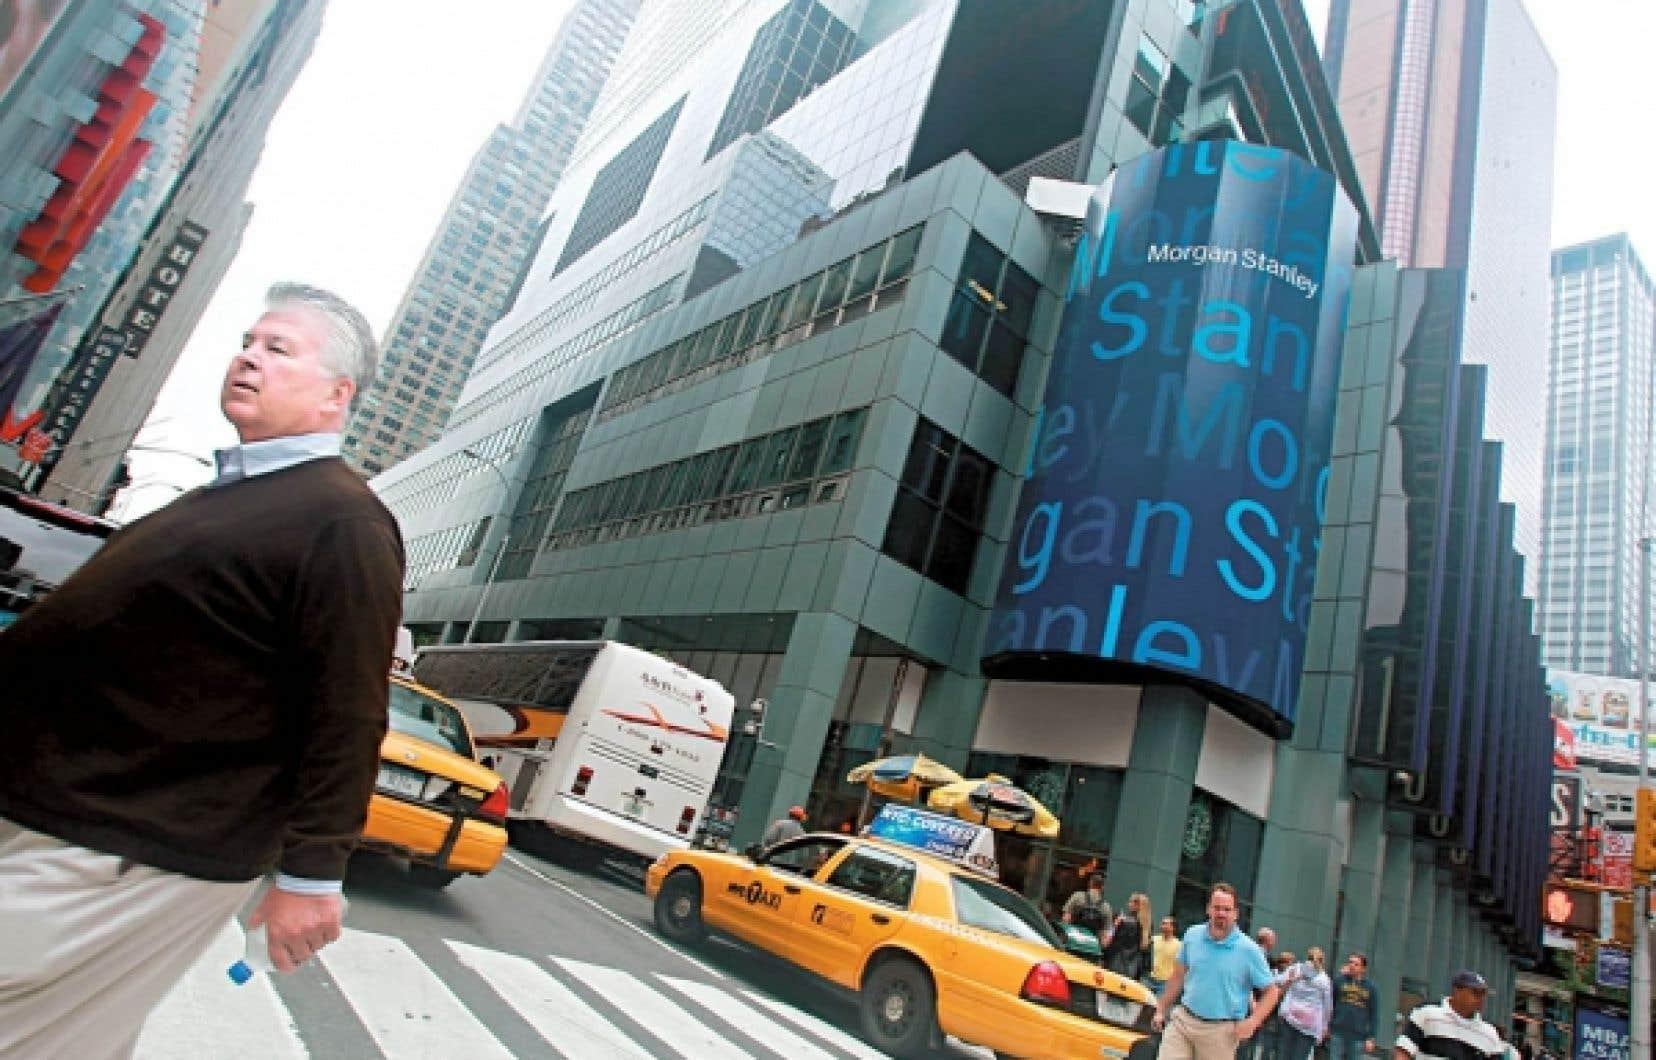 Le siège social de la banque d'affaires Morgan Stanley, à New York. La banque a obtenu un peu plus de 107 milliards de la Réserve fédérale américaine durant la crise financière.